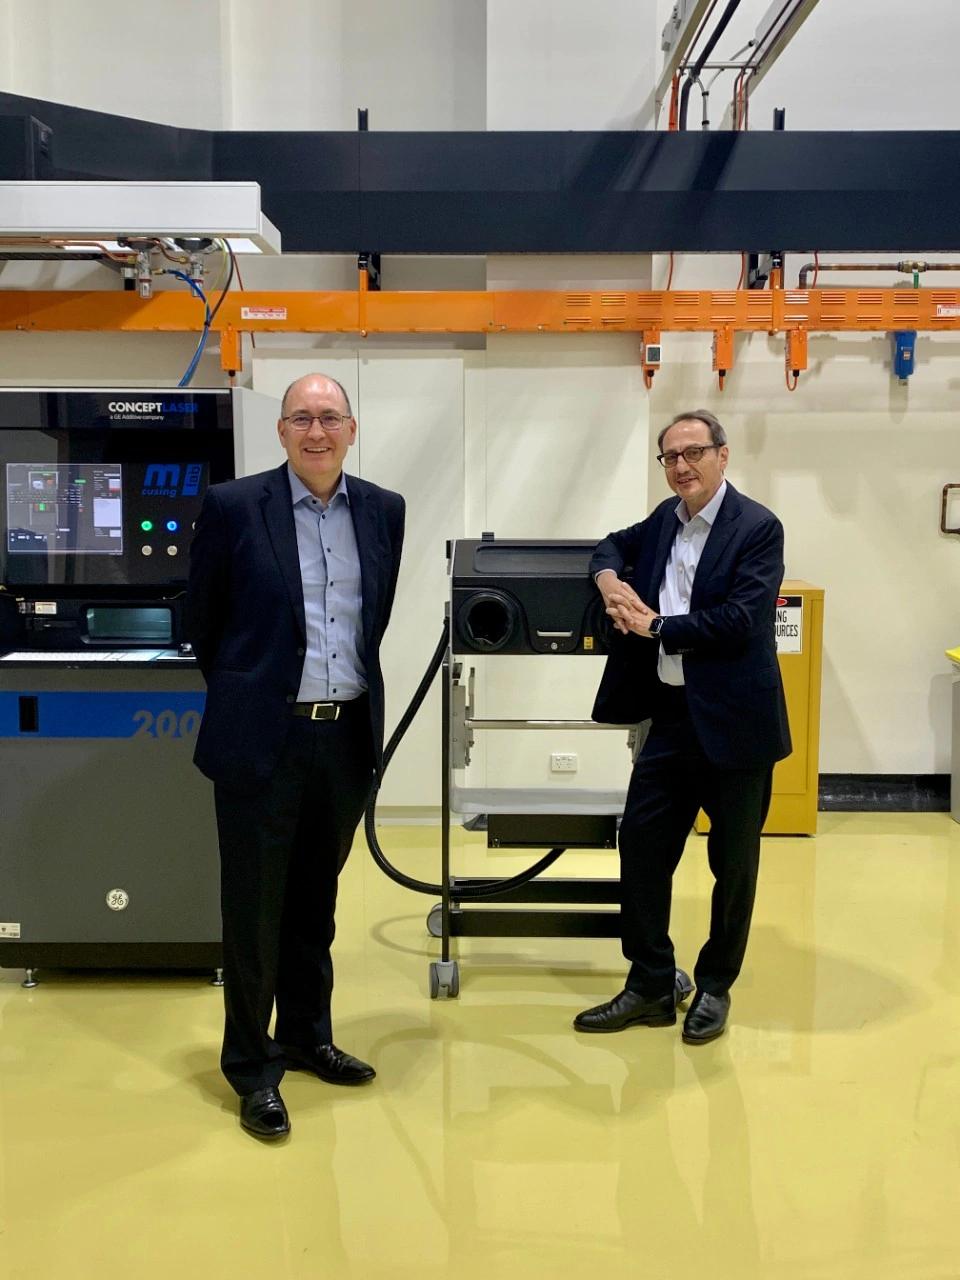 همکاری جنرال الکتریک و دانشگاه سیدنی در حوزه چاپ سه بعدی فلزی